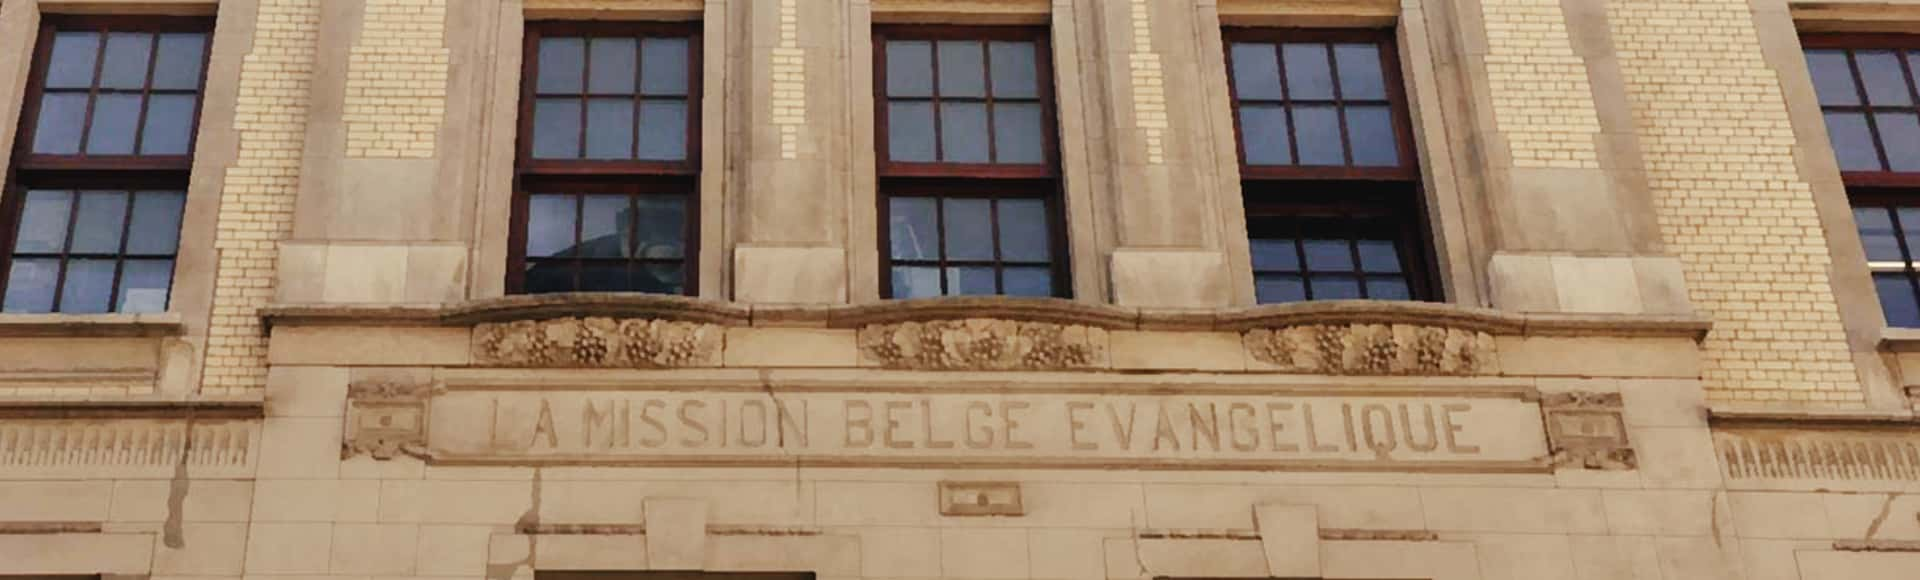 Histoire de l'Institut Biblique de Bruxelles